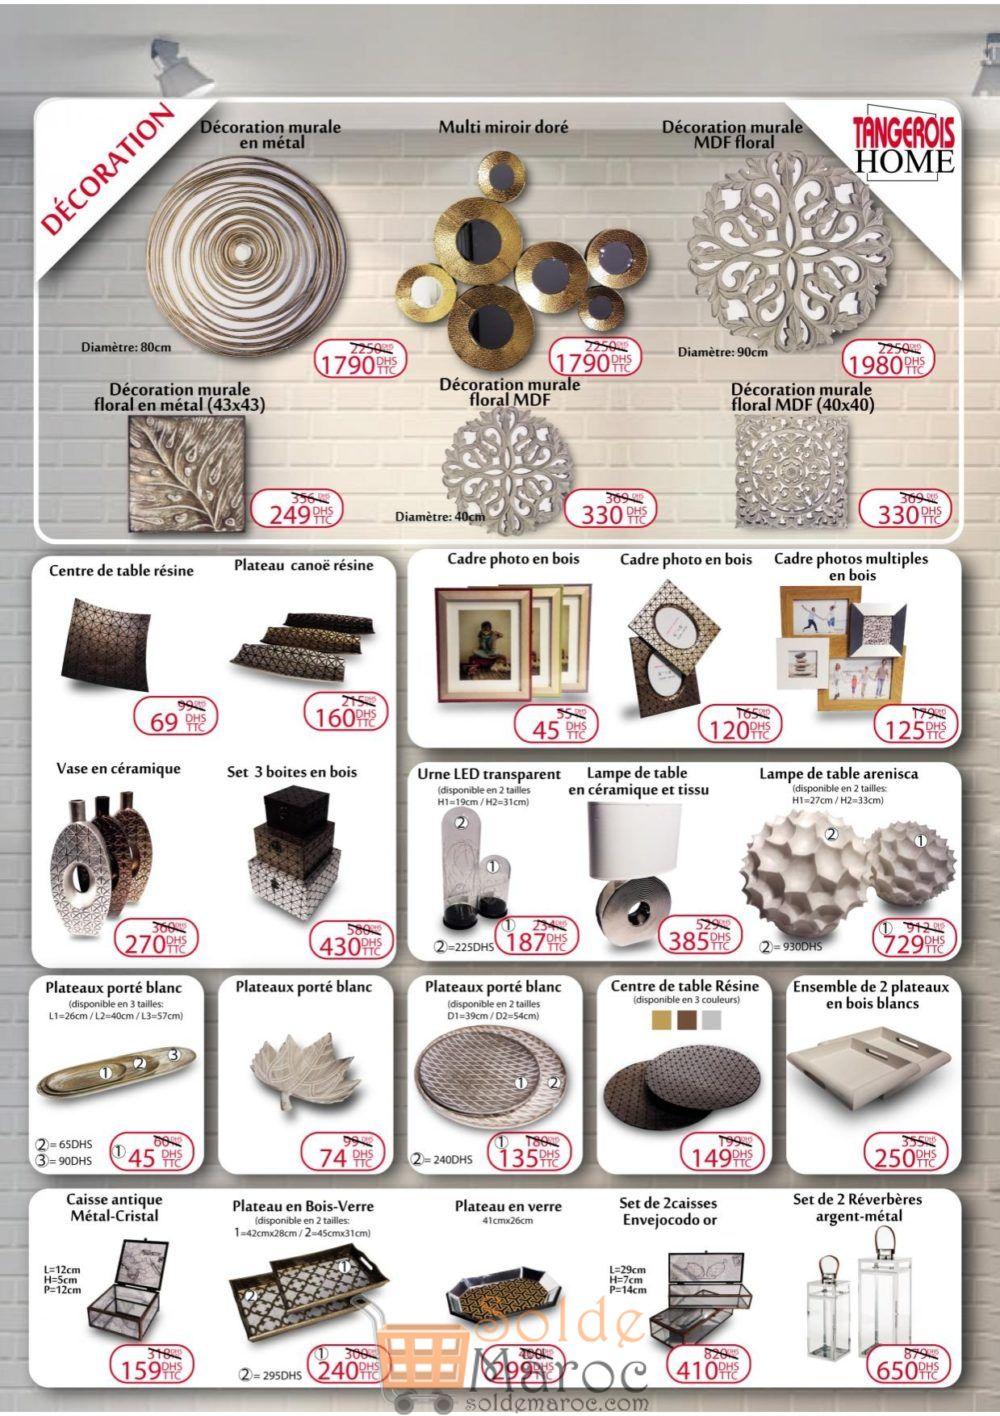 Catalogue Tangerois Home Déstockage du 27 Octobre au 30 Novembre 2018